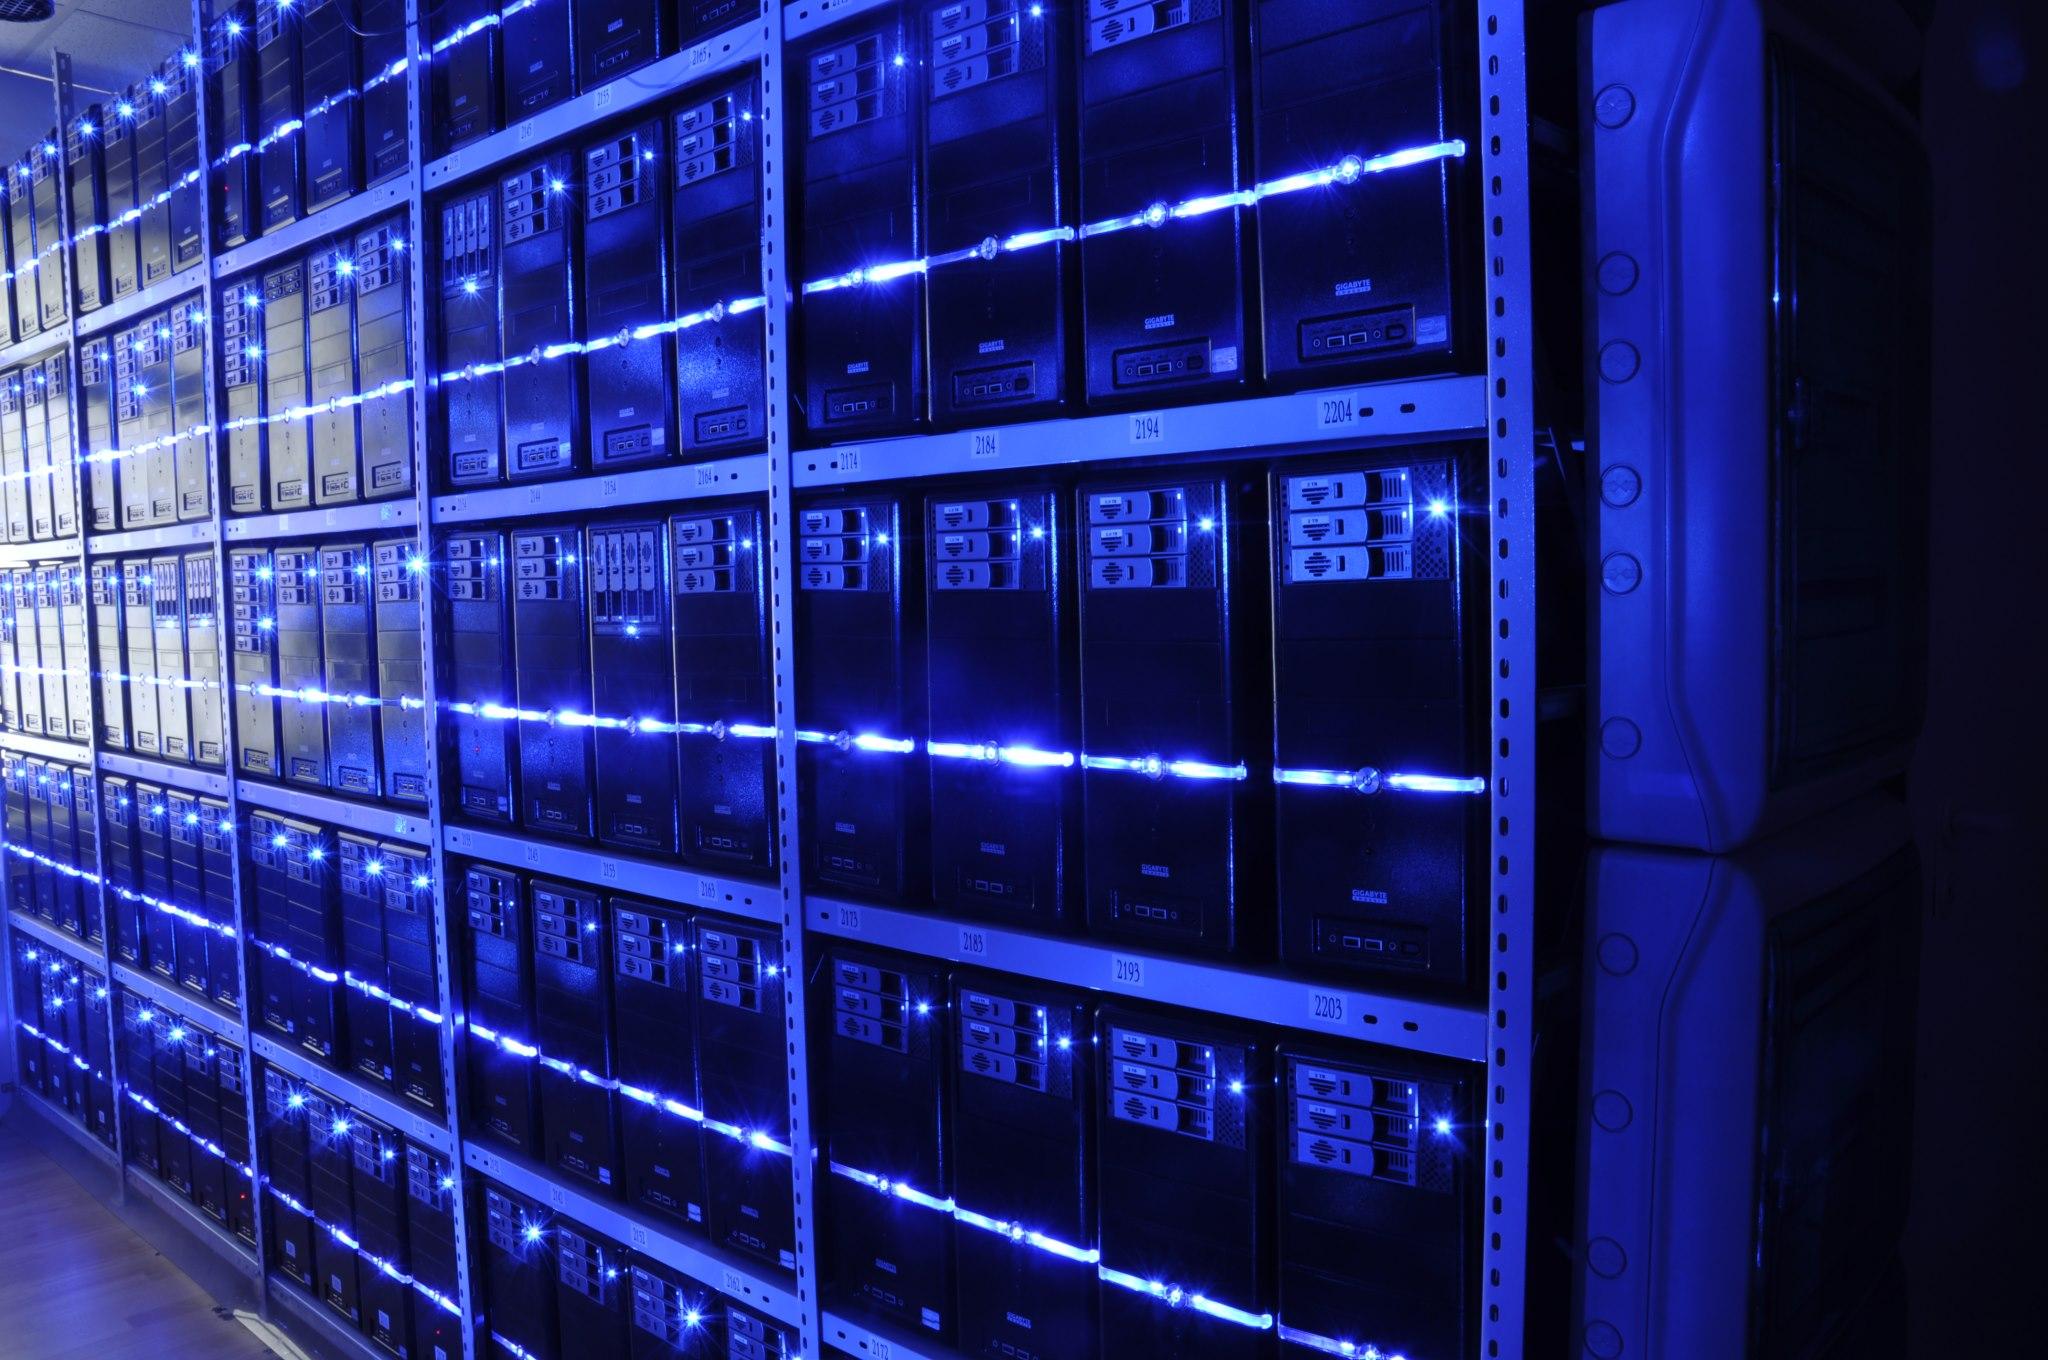 rs_data_center.jpg